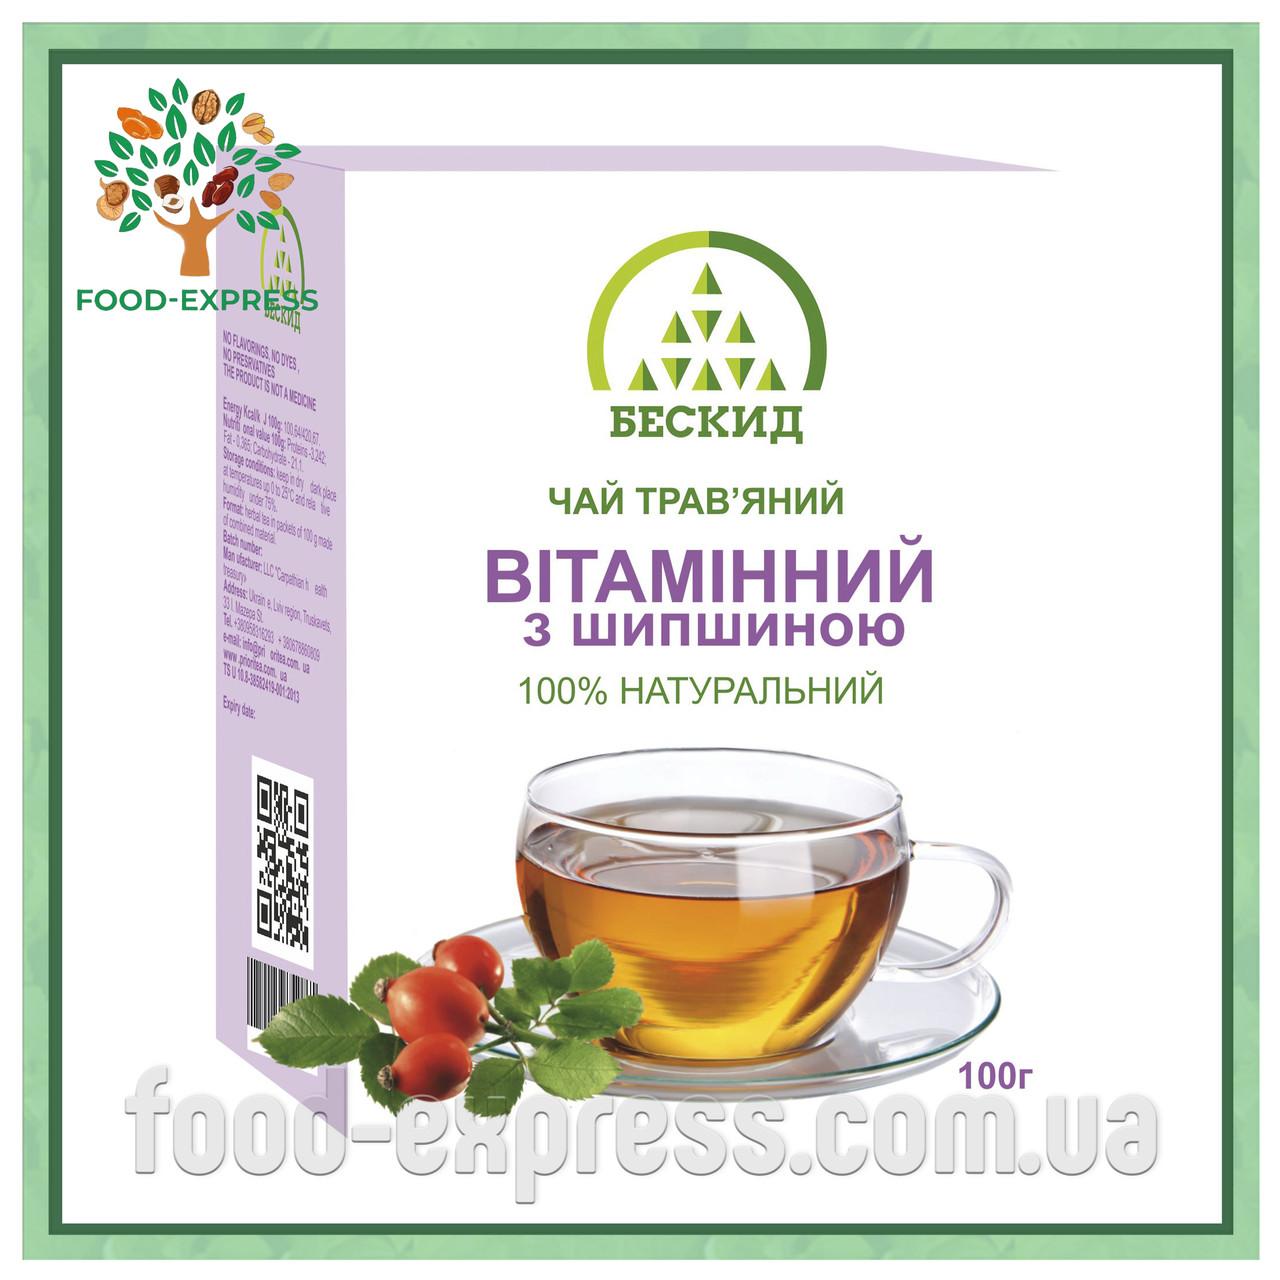 Чай трав'яний «Вітамінний» з шипшиною 100г